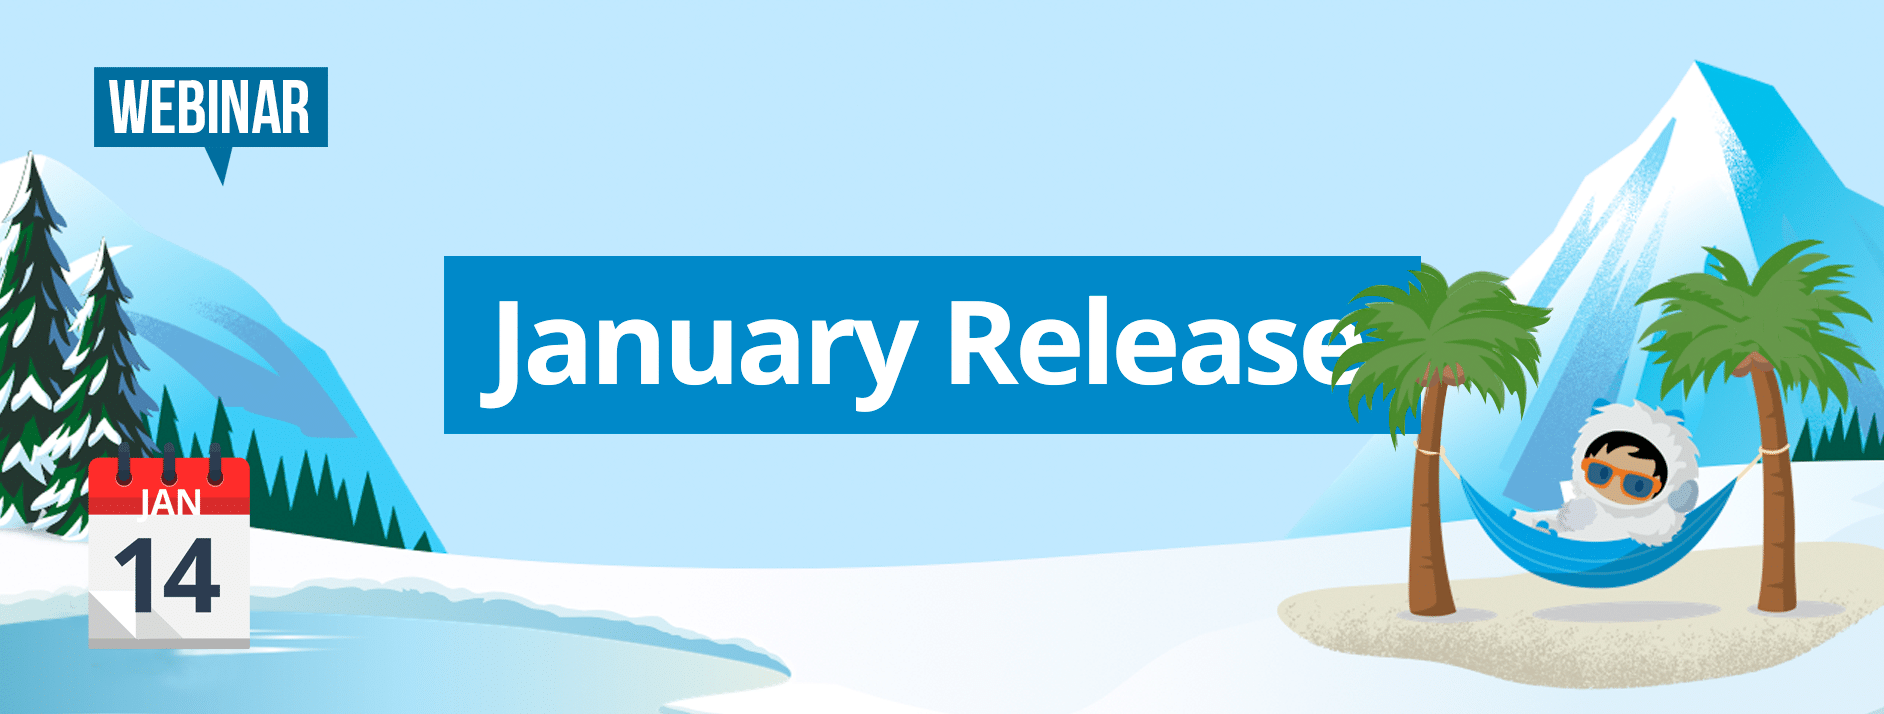 Release webinar January Netive VMS